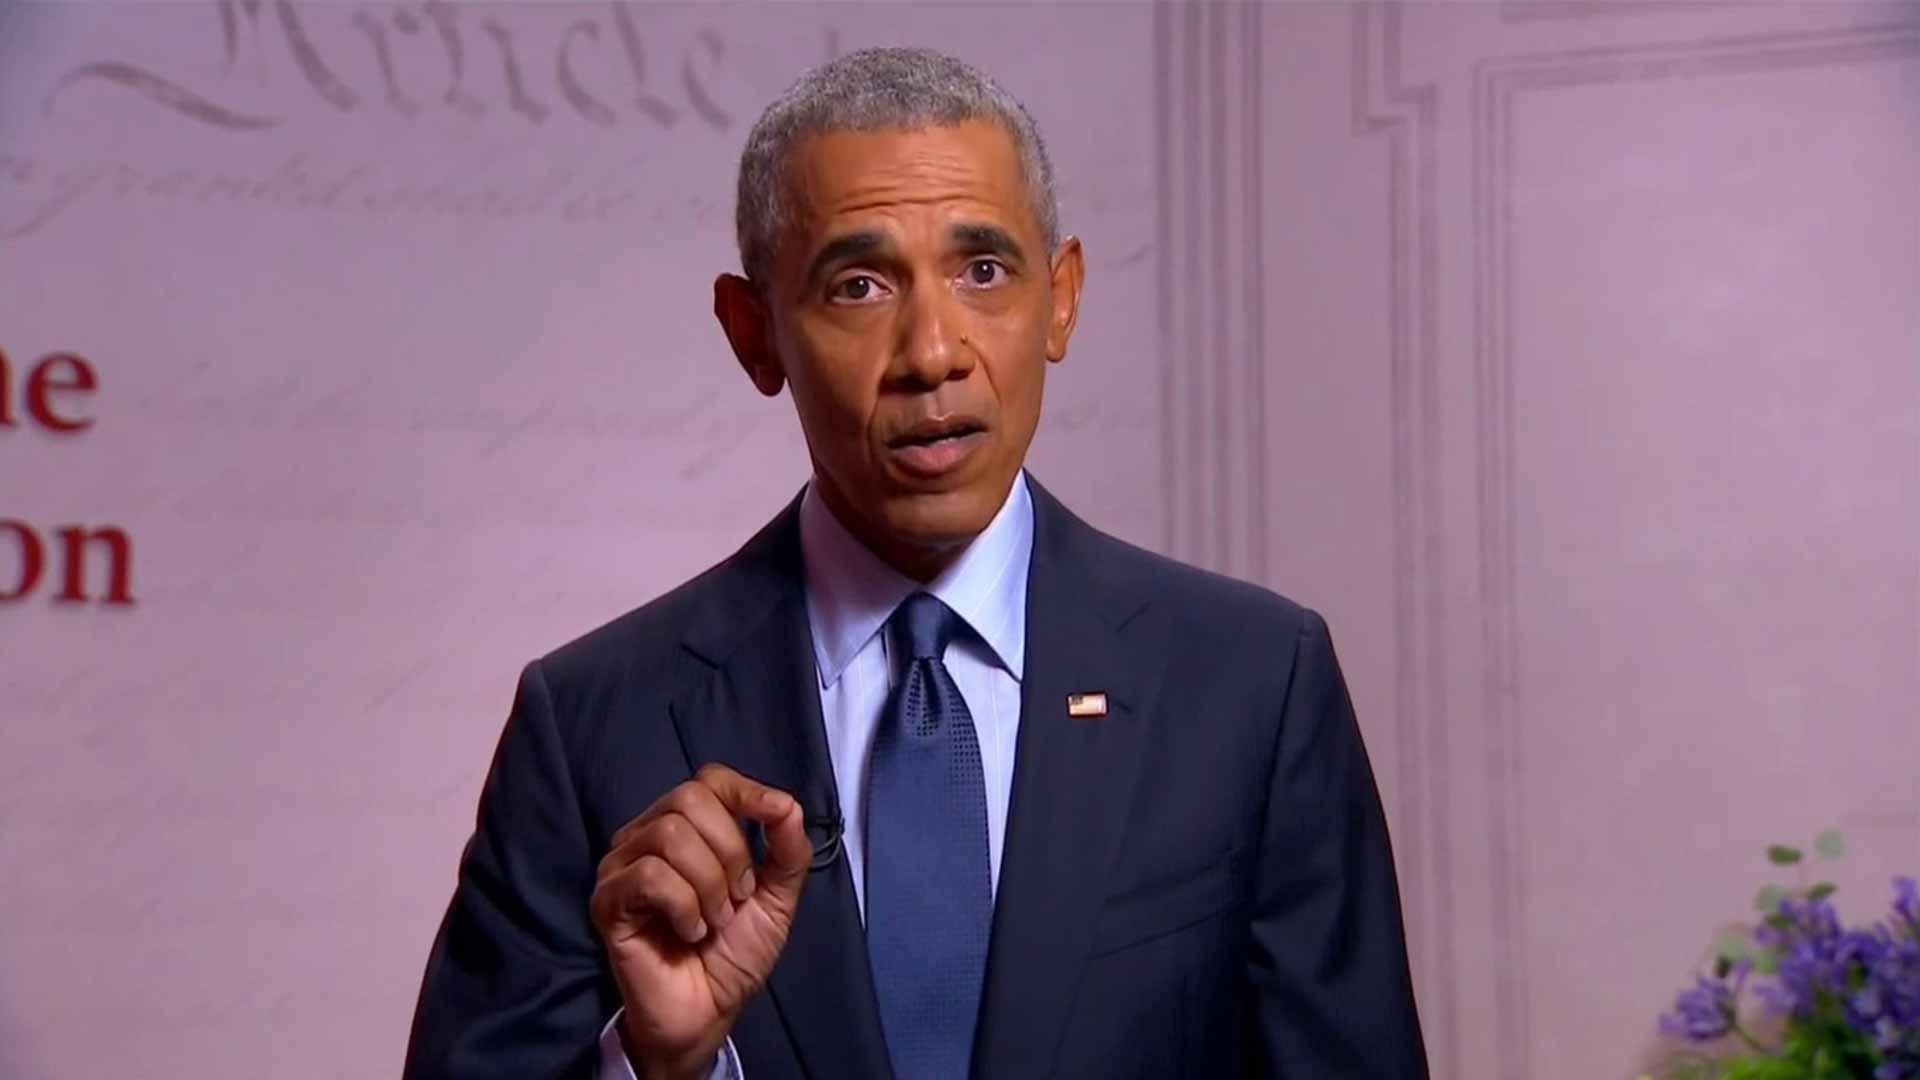 Video-Aufnahmen mit dem Smartphone filmen: Beispiel-Kamera-Führung Obama 2